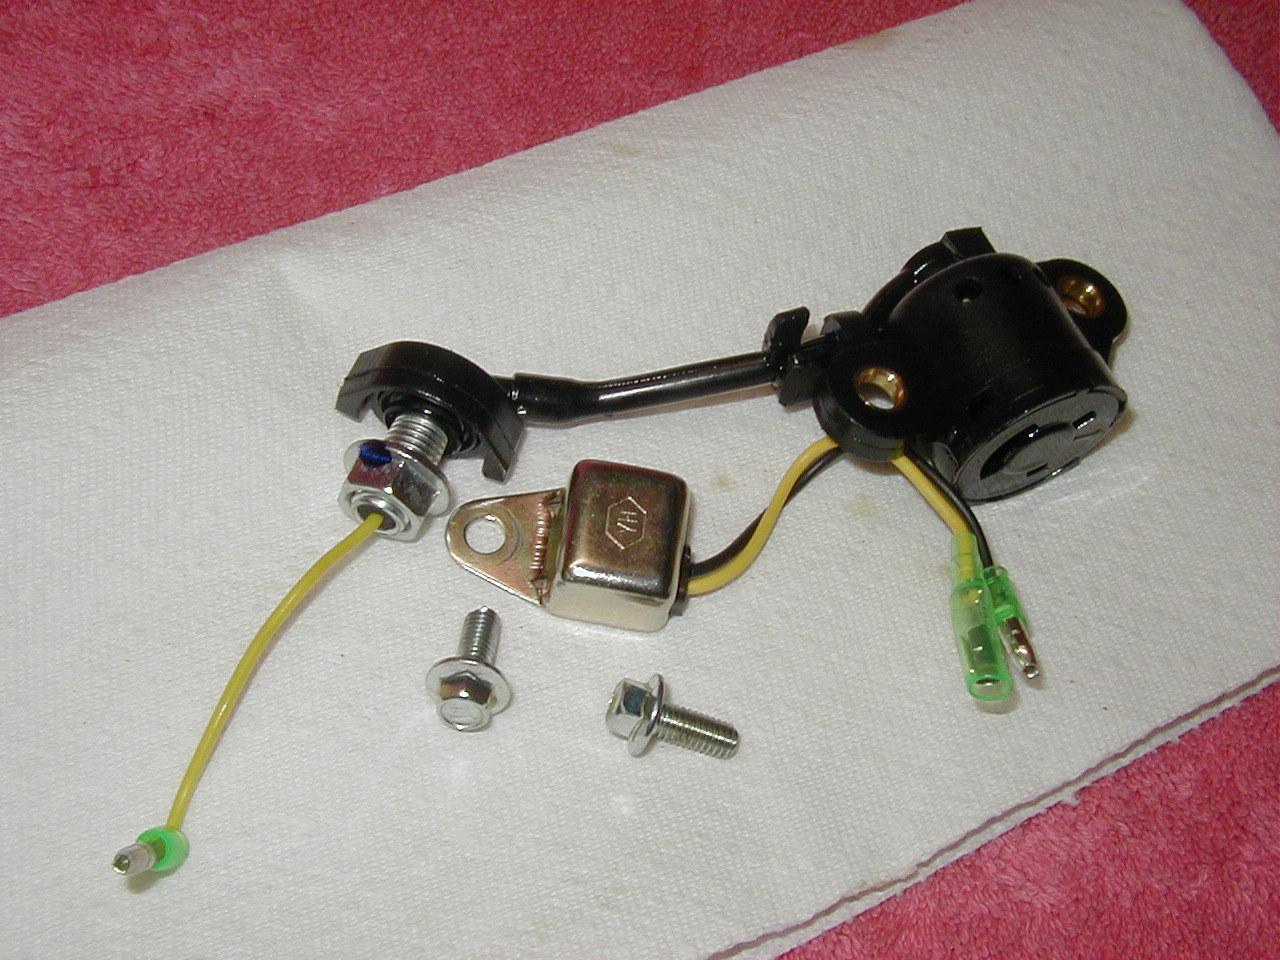 PREDATOR 212 CC OHV HORIZONTAL SHAFT GAS ENGINE PARTS - LOW OIL SHUTDOWN